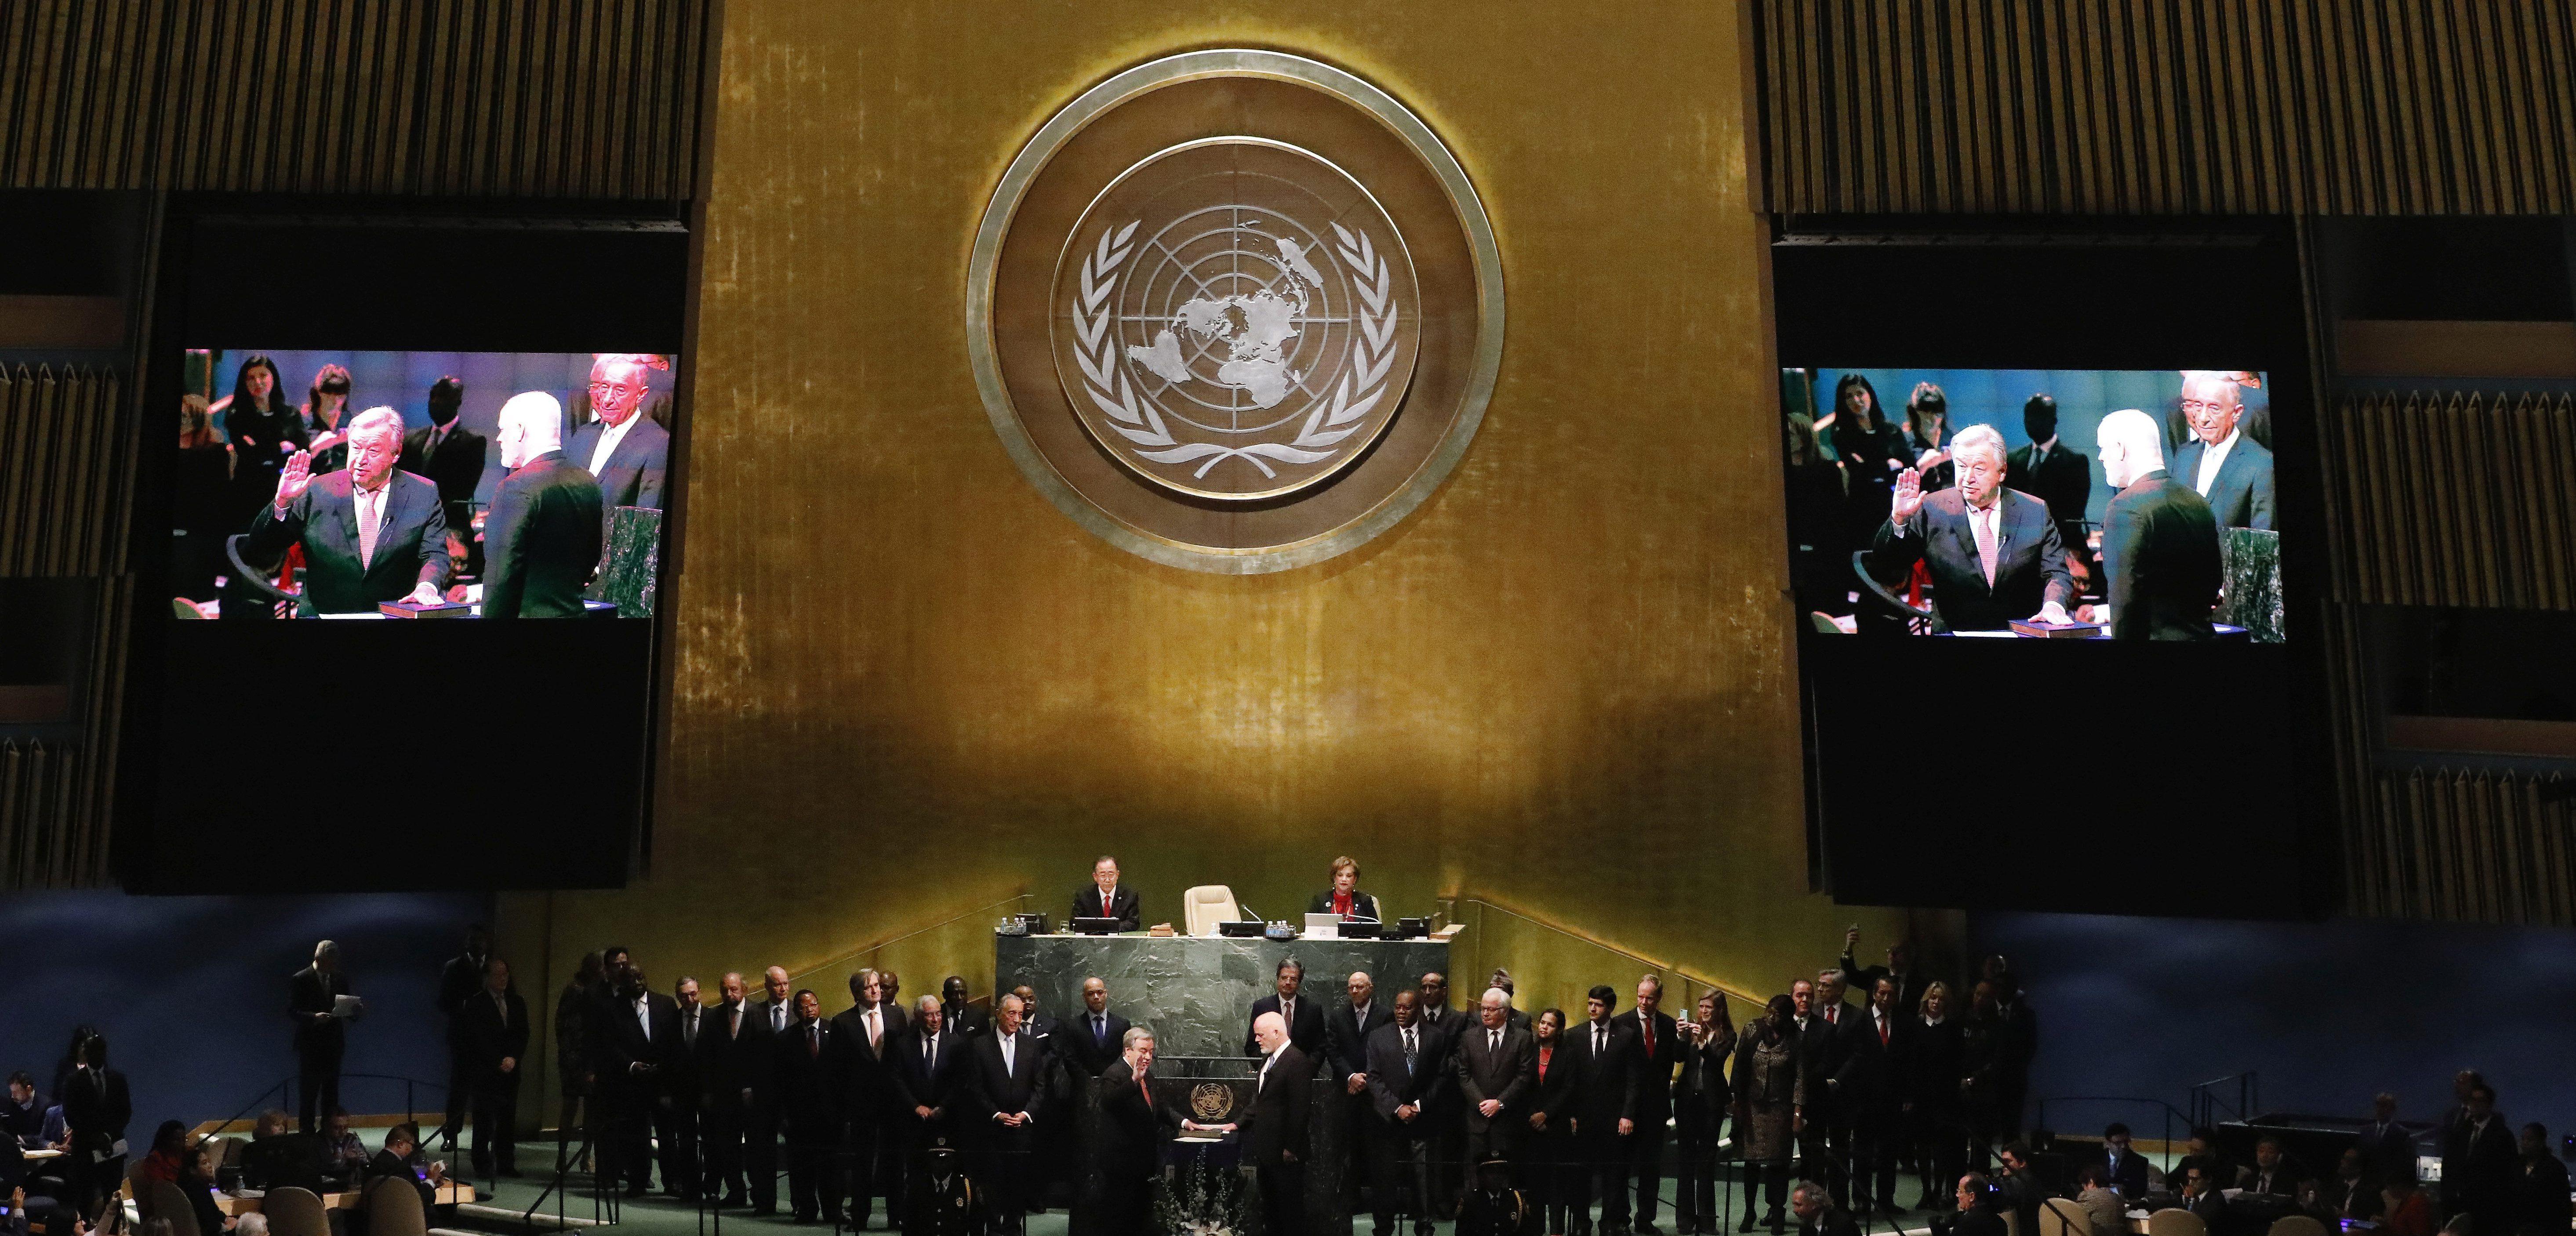 UN headquarters in NY